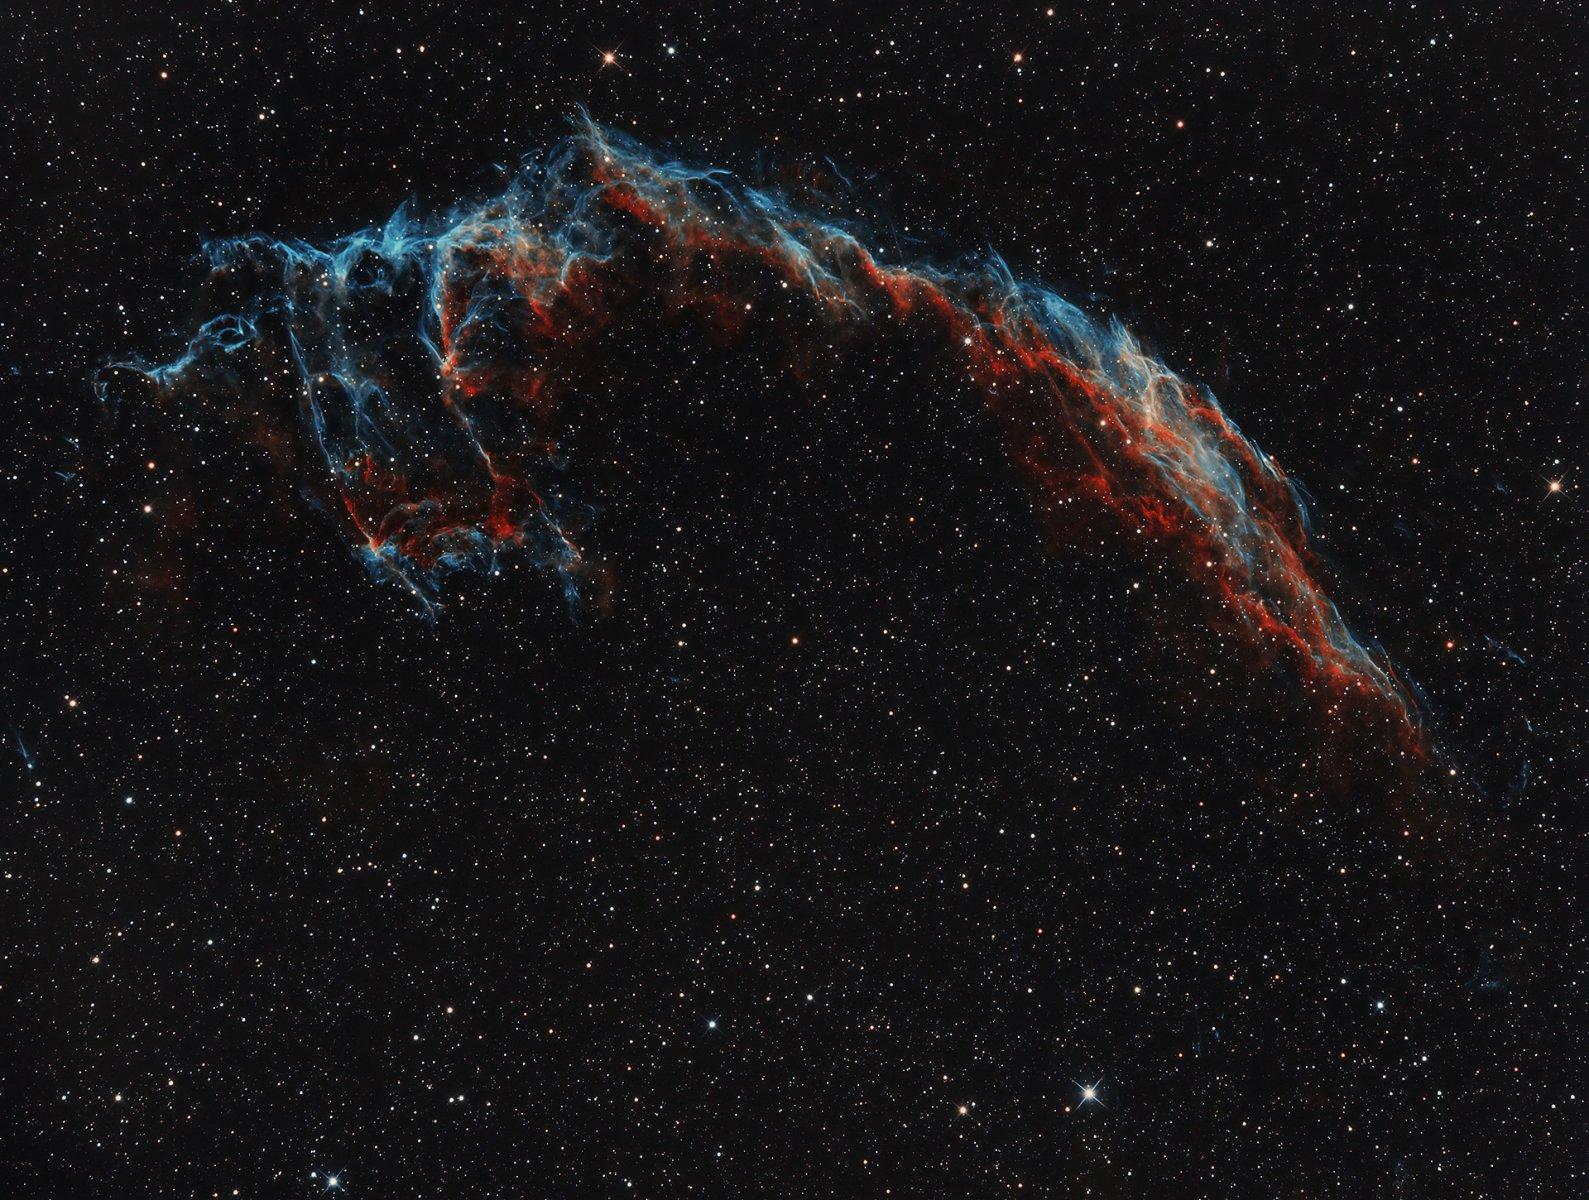 NGC_6992_BCSHO-denoise-klein.jpg